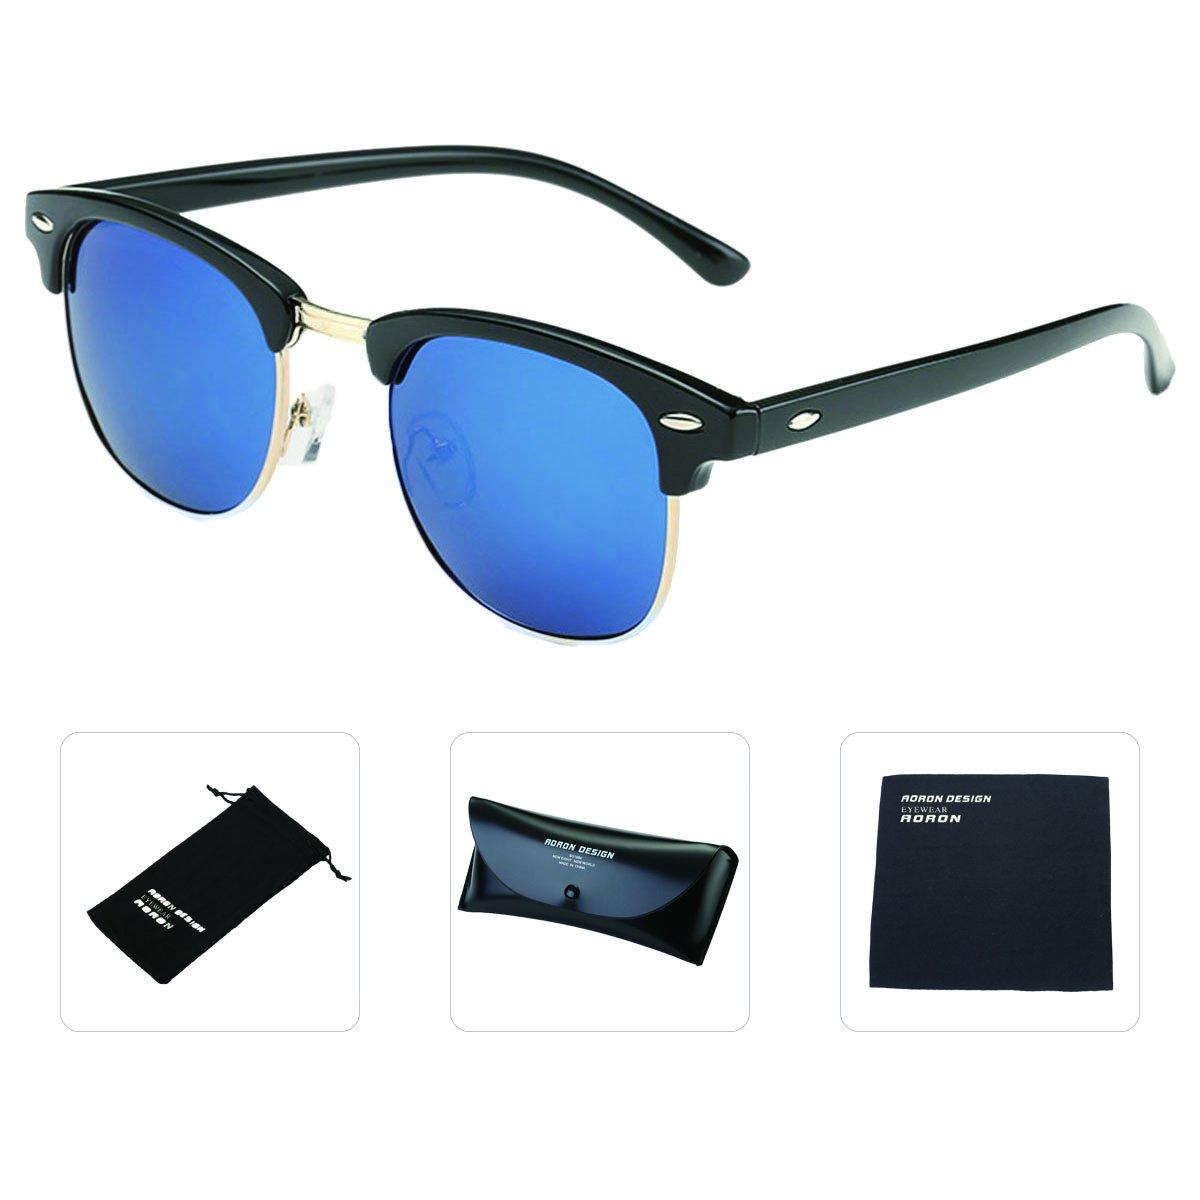 Forvery Polarized Lens Sunglasses for Men Women Sport Semi Rimless Mirror for Fishing Wayfarer (Black, Ice Blue)